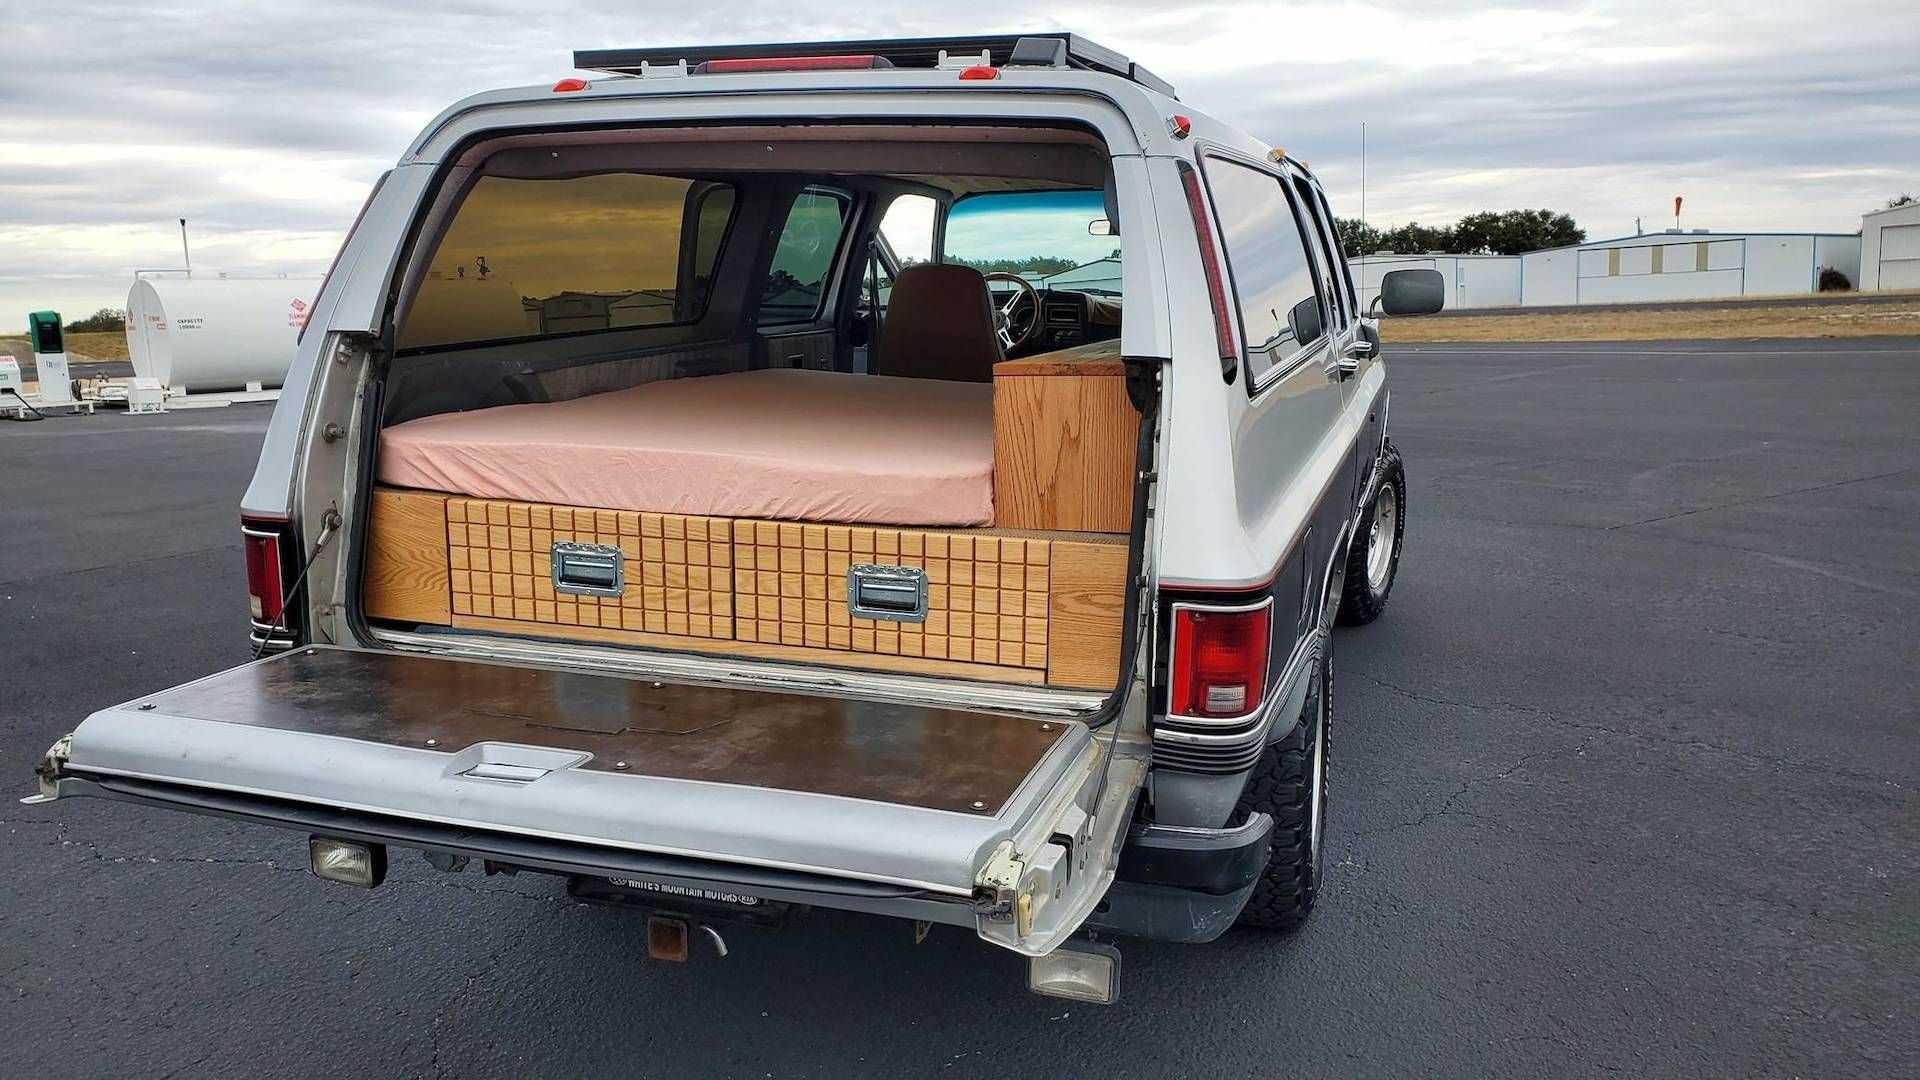 Старый Chevrolet Suburban скрытно превратили в автодом, а теперь продают по цене Lada Granta